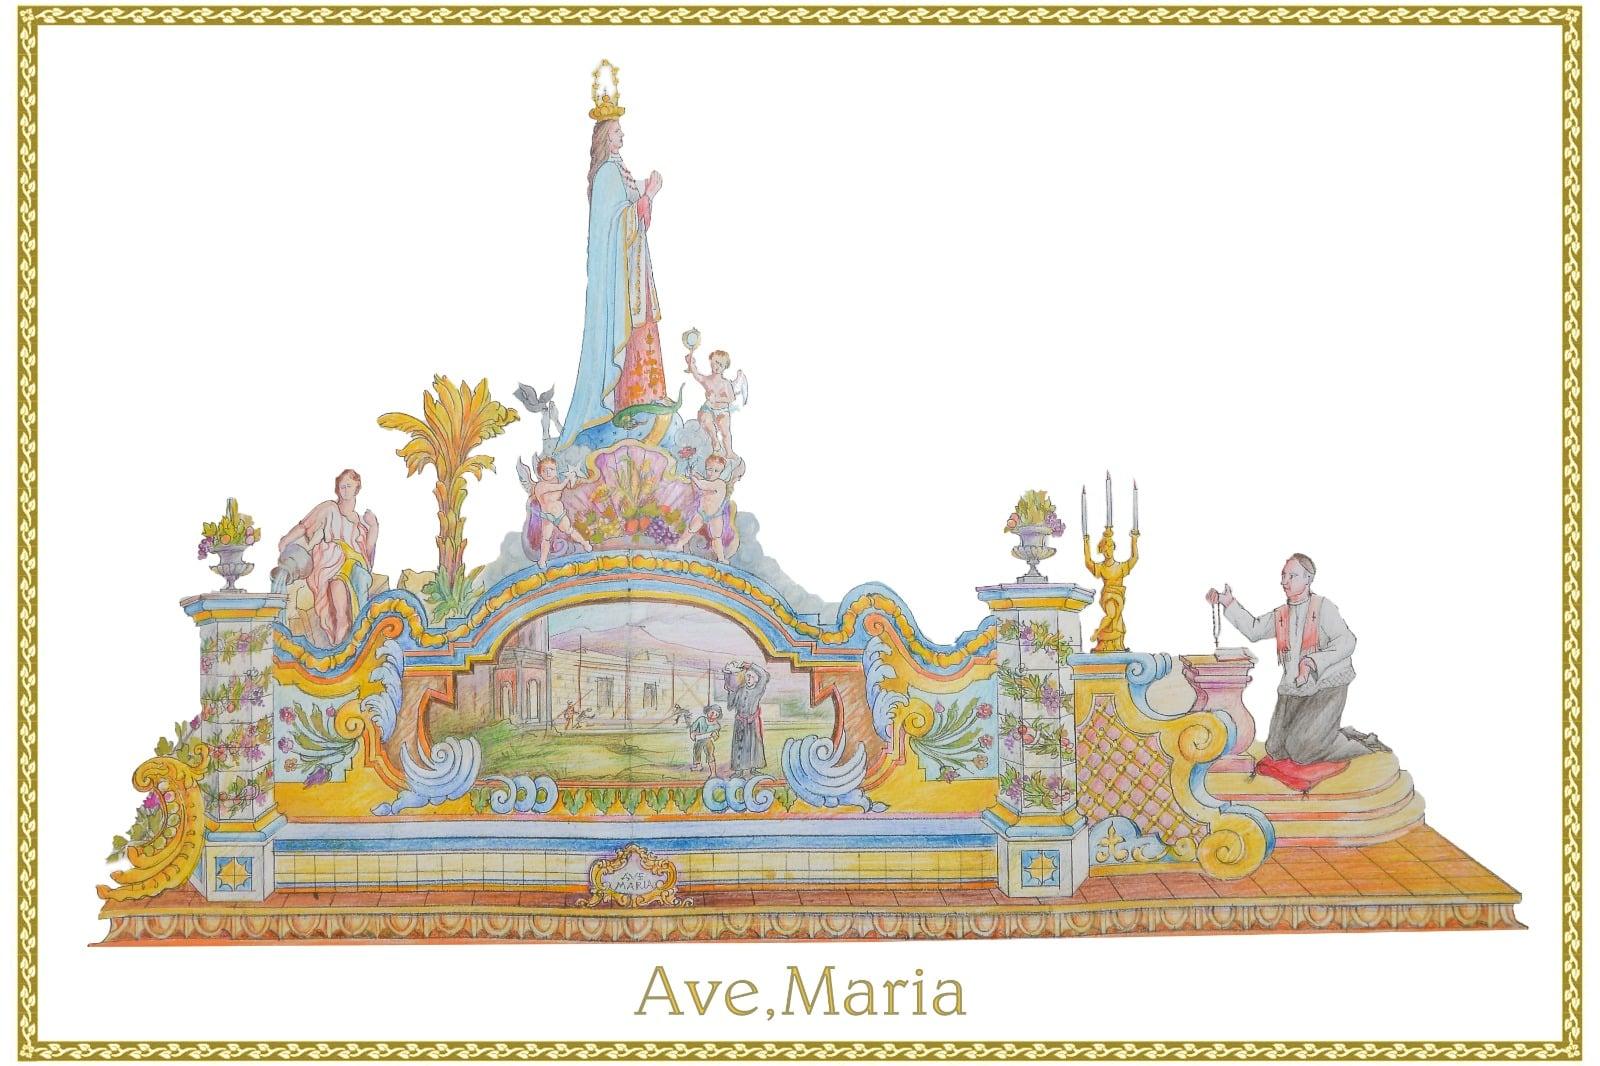 Il Covid ferma la processione dell'Immacolata: niente corteo l'8 dicembre